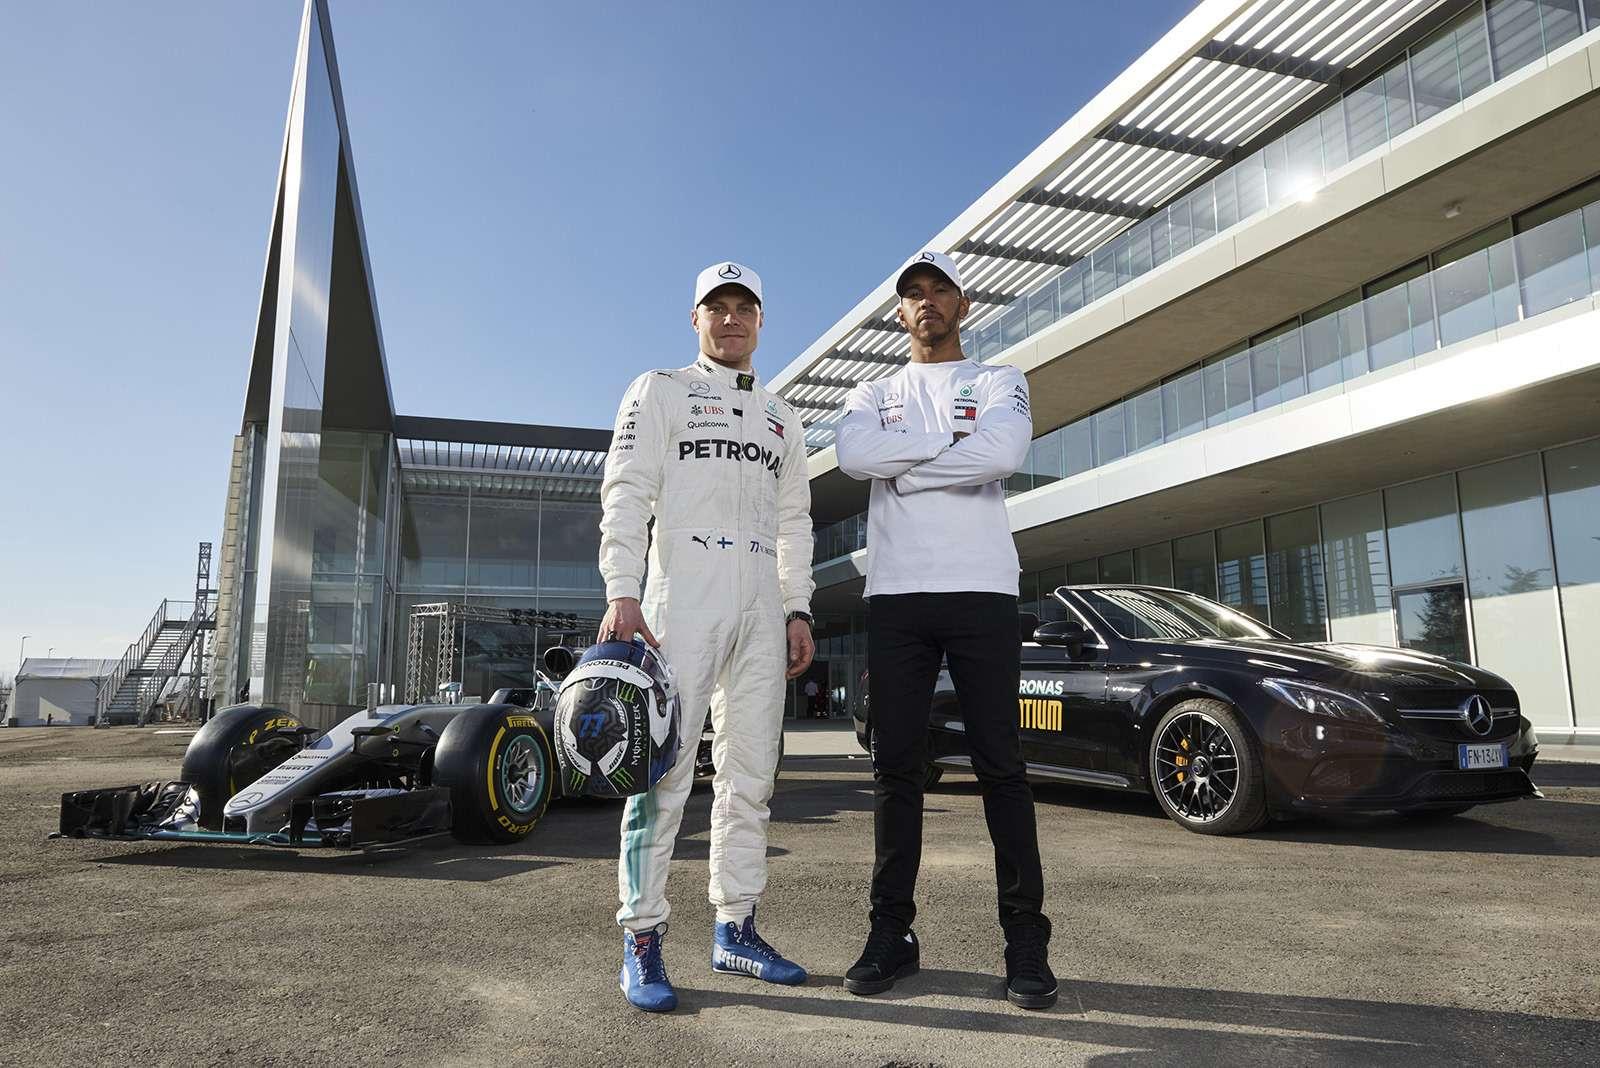 5 главных изменений вновом сезоне Формулы-1(иеще видеобонус)— фото 955675